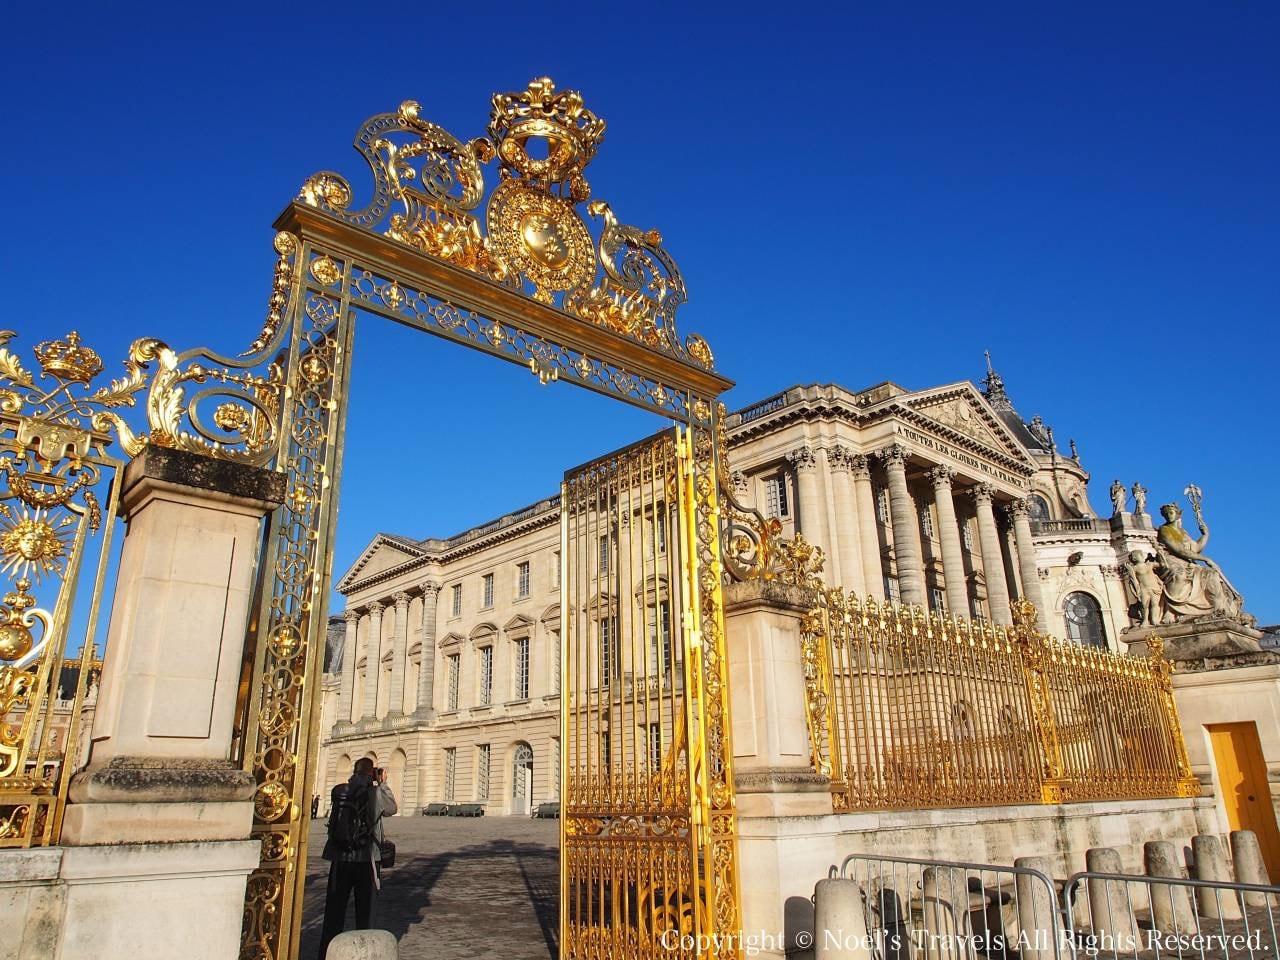 ヴェルサイユ宮殿の太陽門